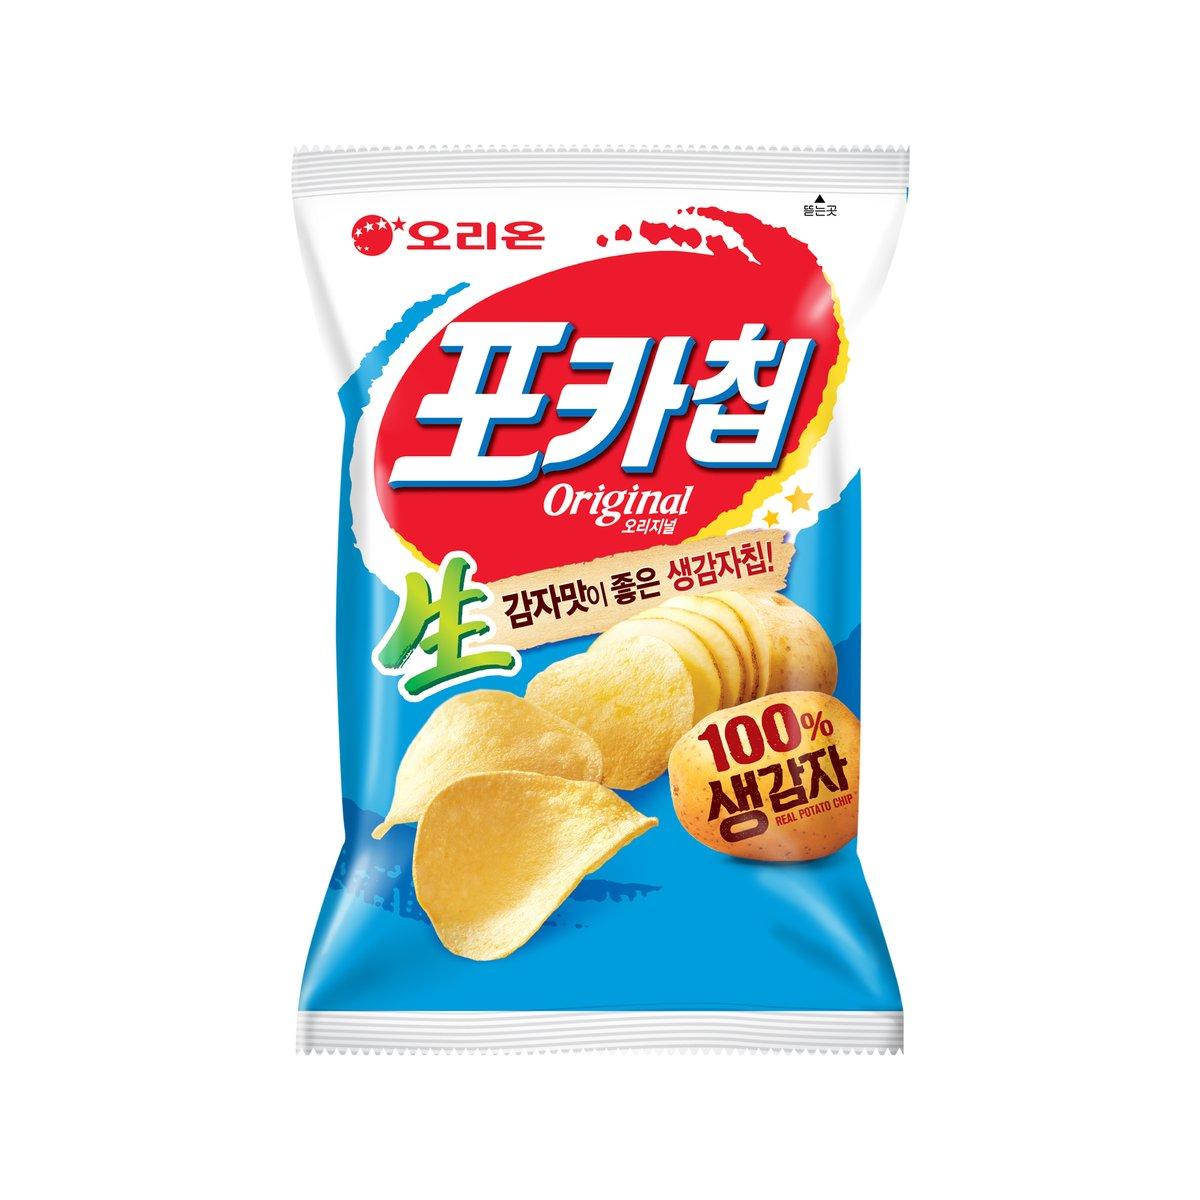 [오리온] 포카칩 오리지널 66g